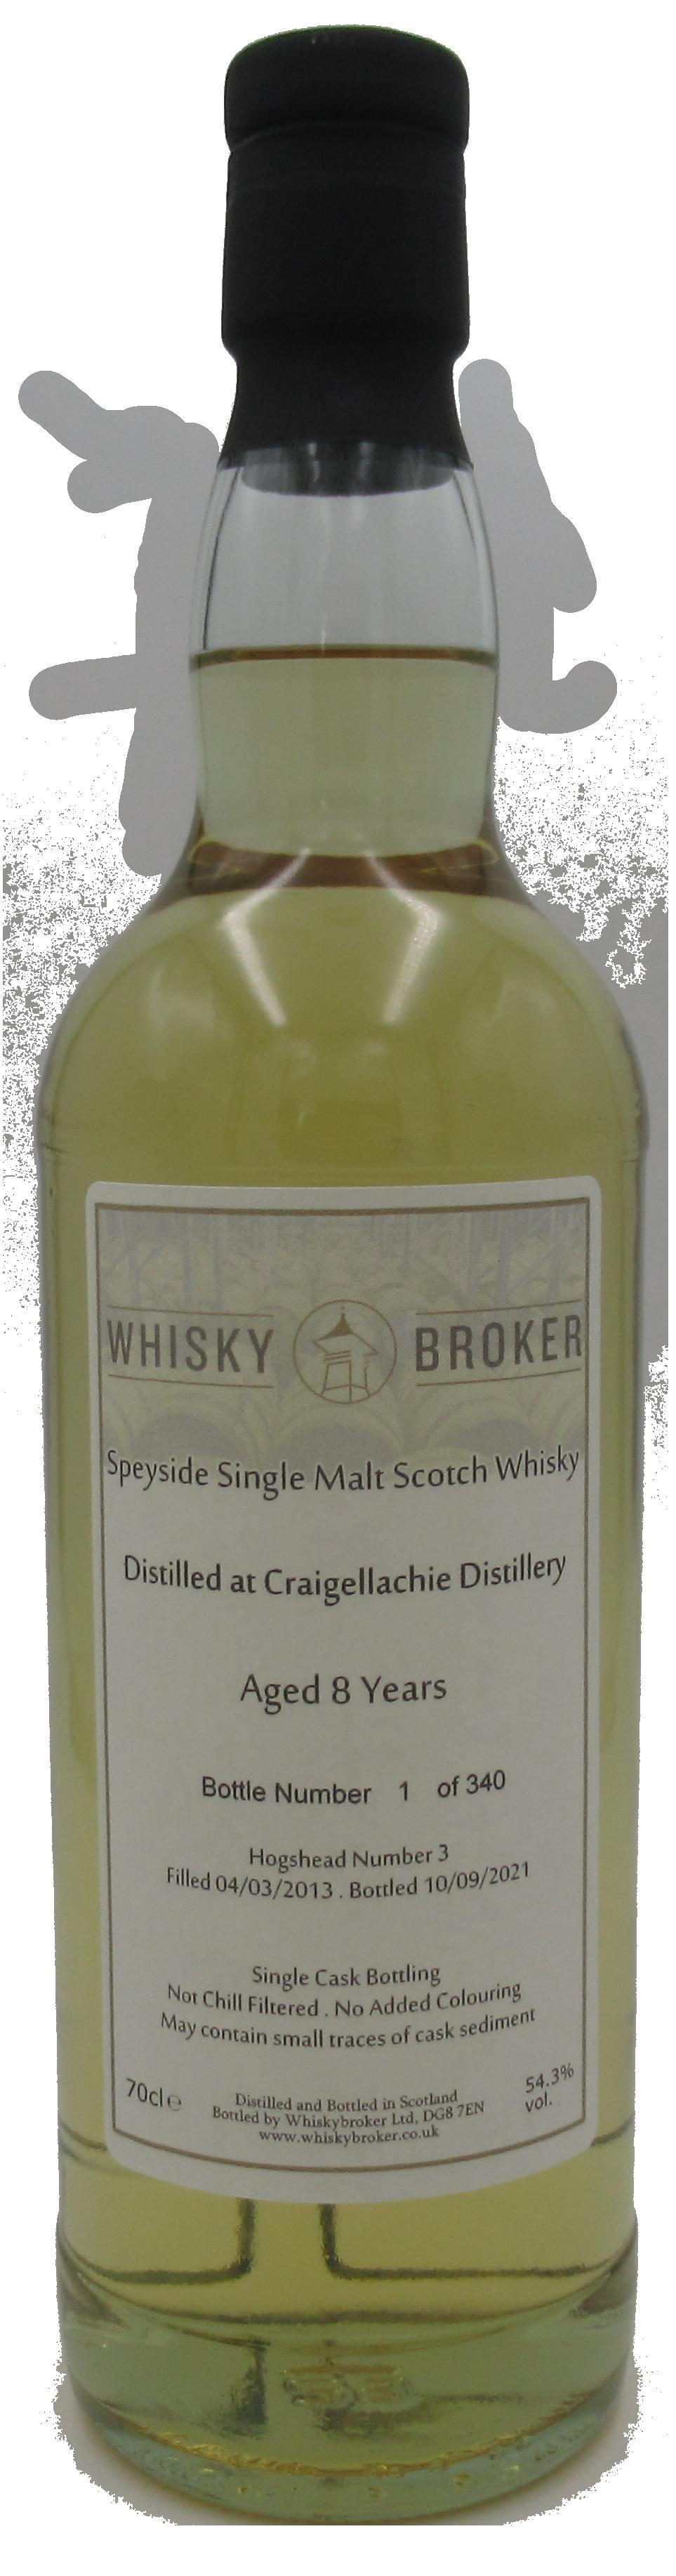 70cl, 8yo Distilled at Craigellachie Distillery 3